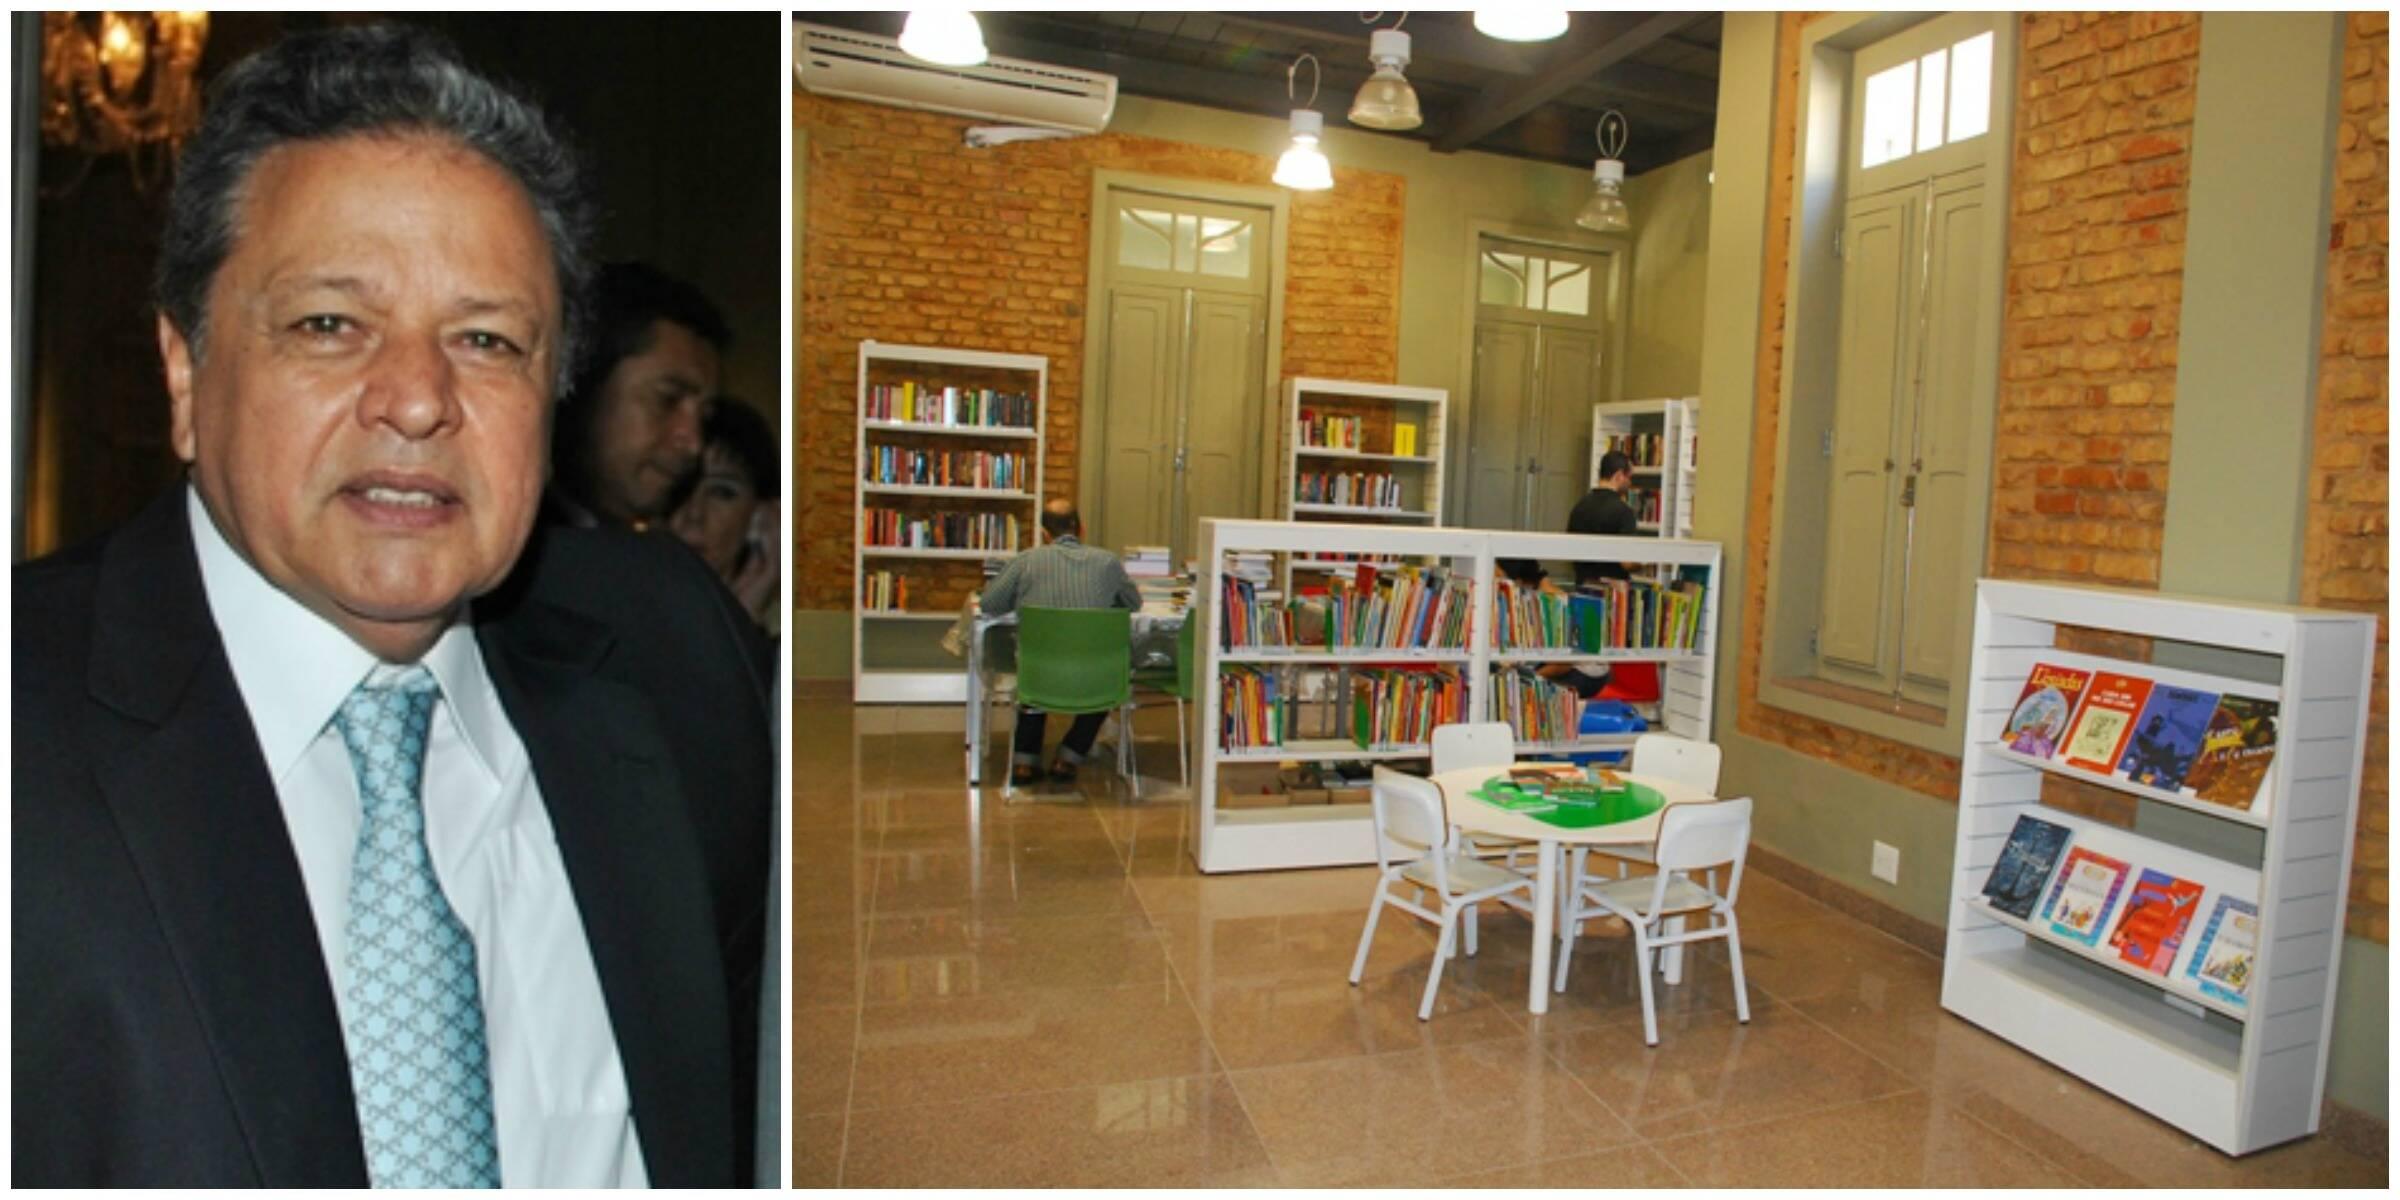 Aloysio Teixeira e a biblioteca Anitta Porto Martins: tudo pronto para a inauguração, nesta terça-feira, às 10h/ Fotos: Armando Araújo e divulgação